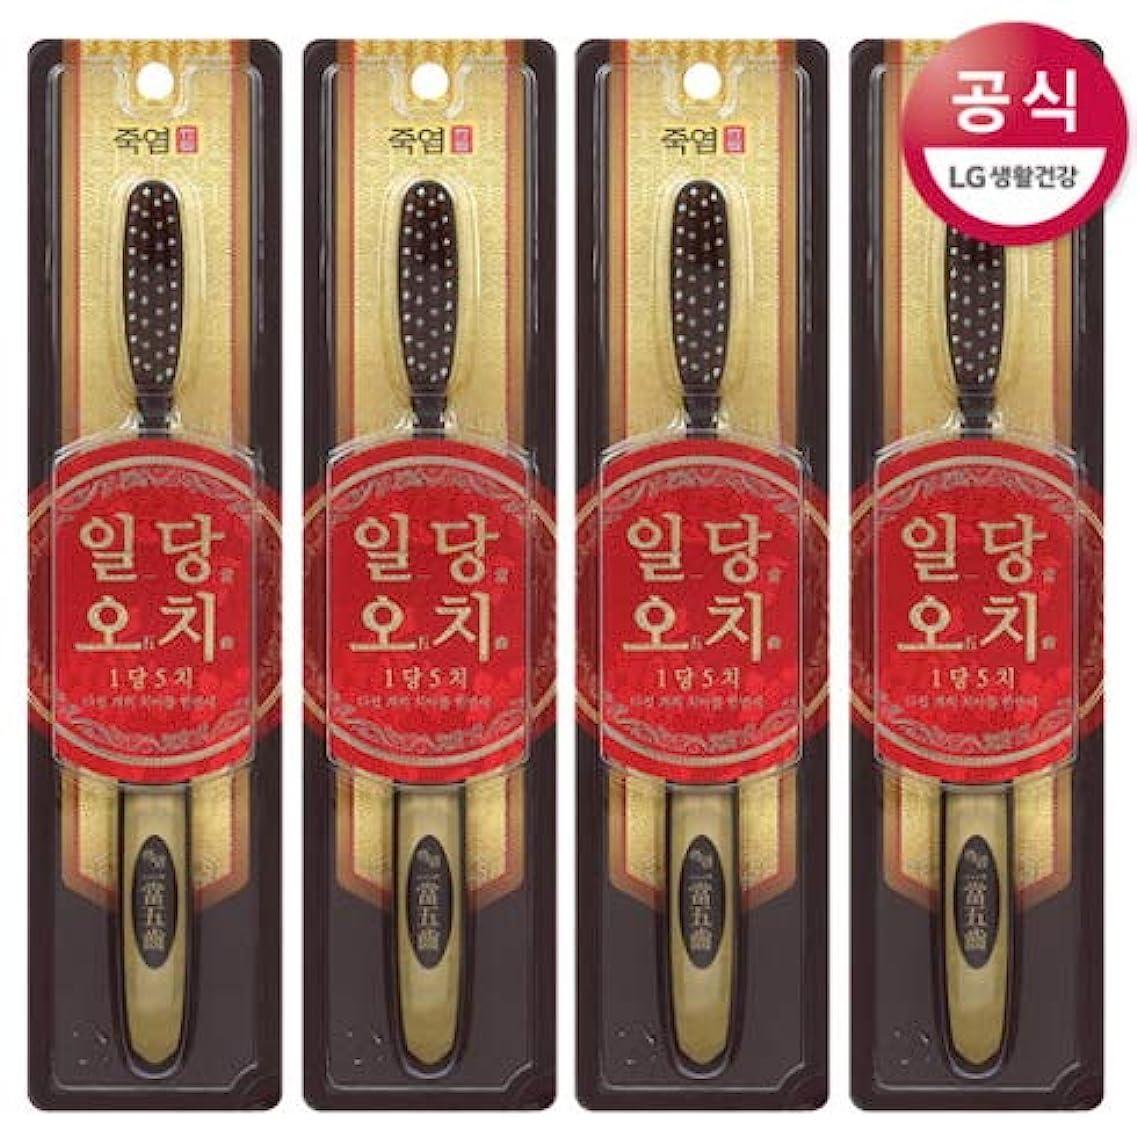 岸九アンビエント[LG HnB] Bamboo Salt Oodi toothbrush/竹塩日当越智歯ブラシ 5つの(海外直送品)